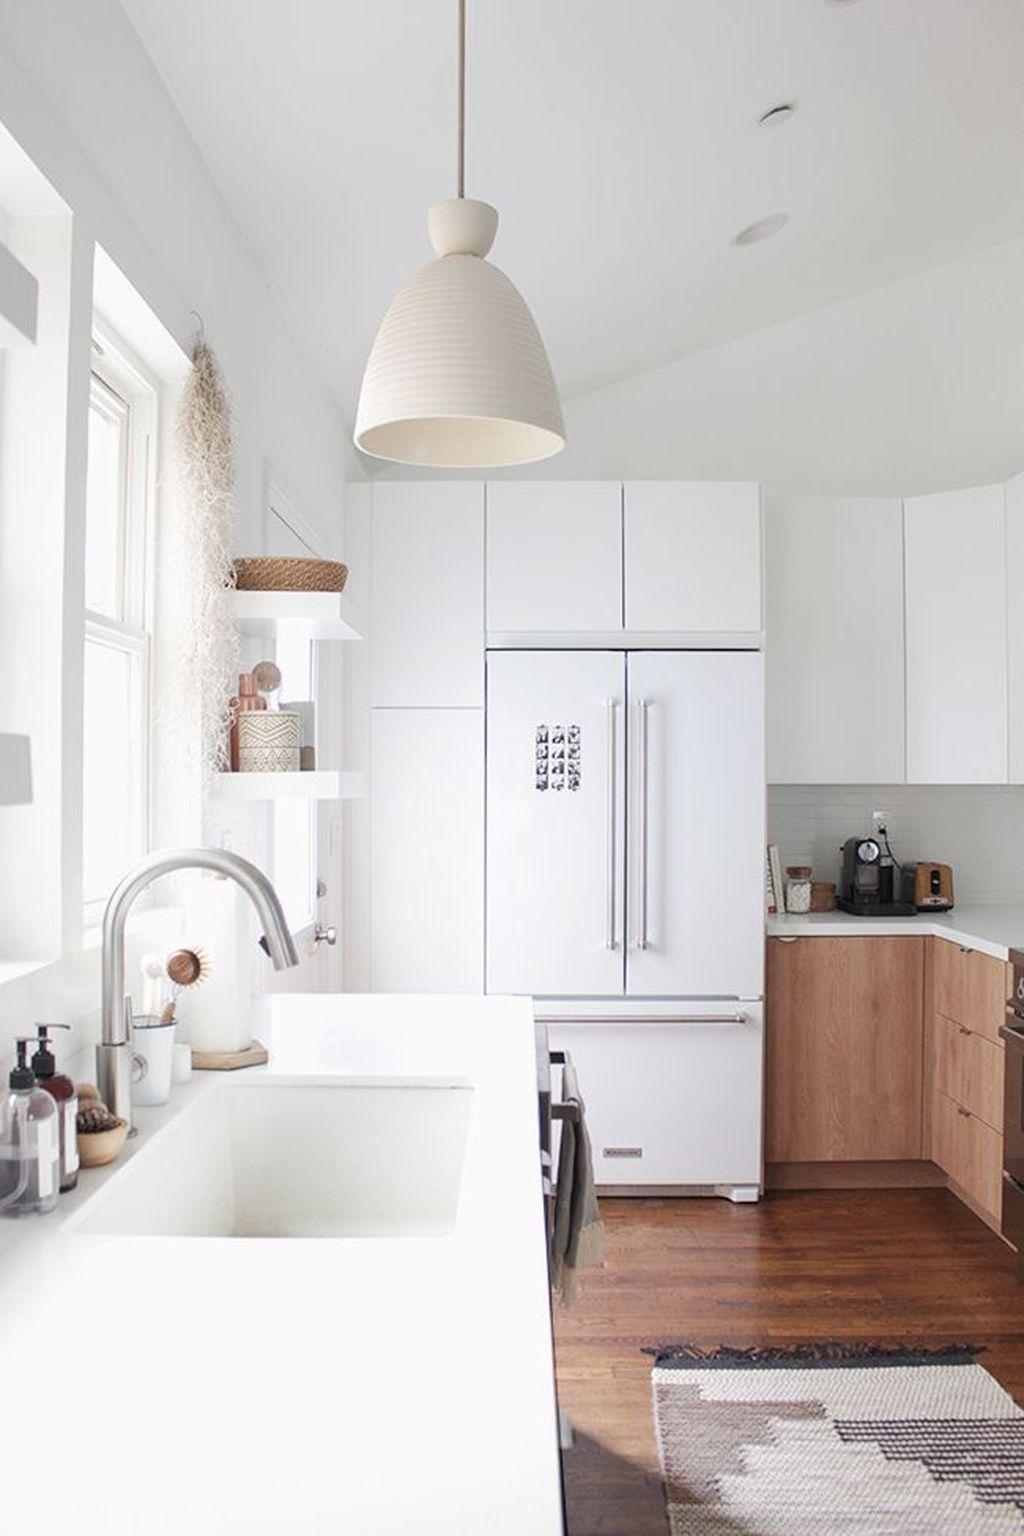 The Best Lighting In Neutral Kitchen Design Ideas 46